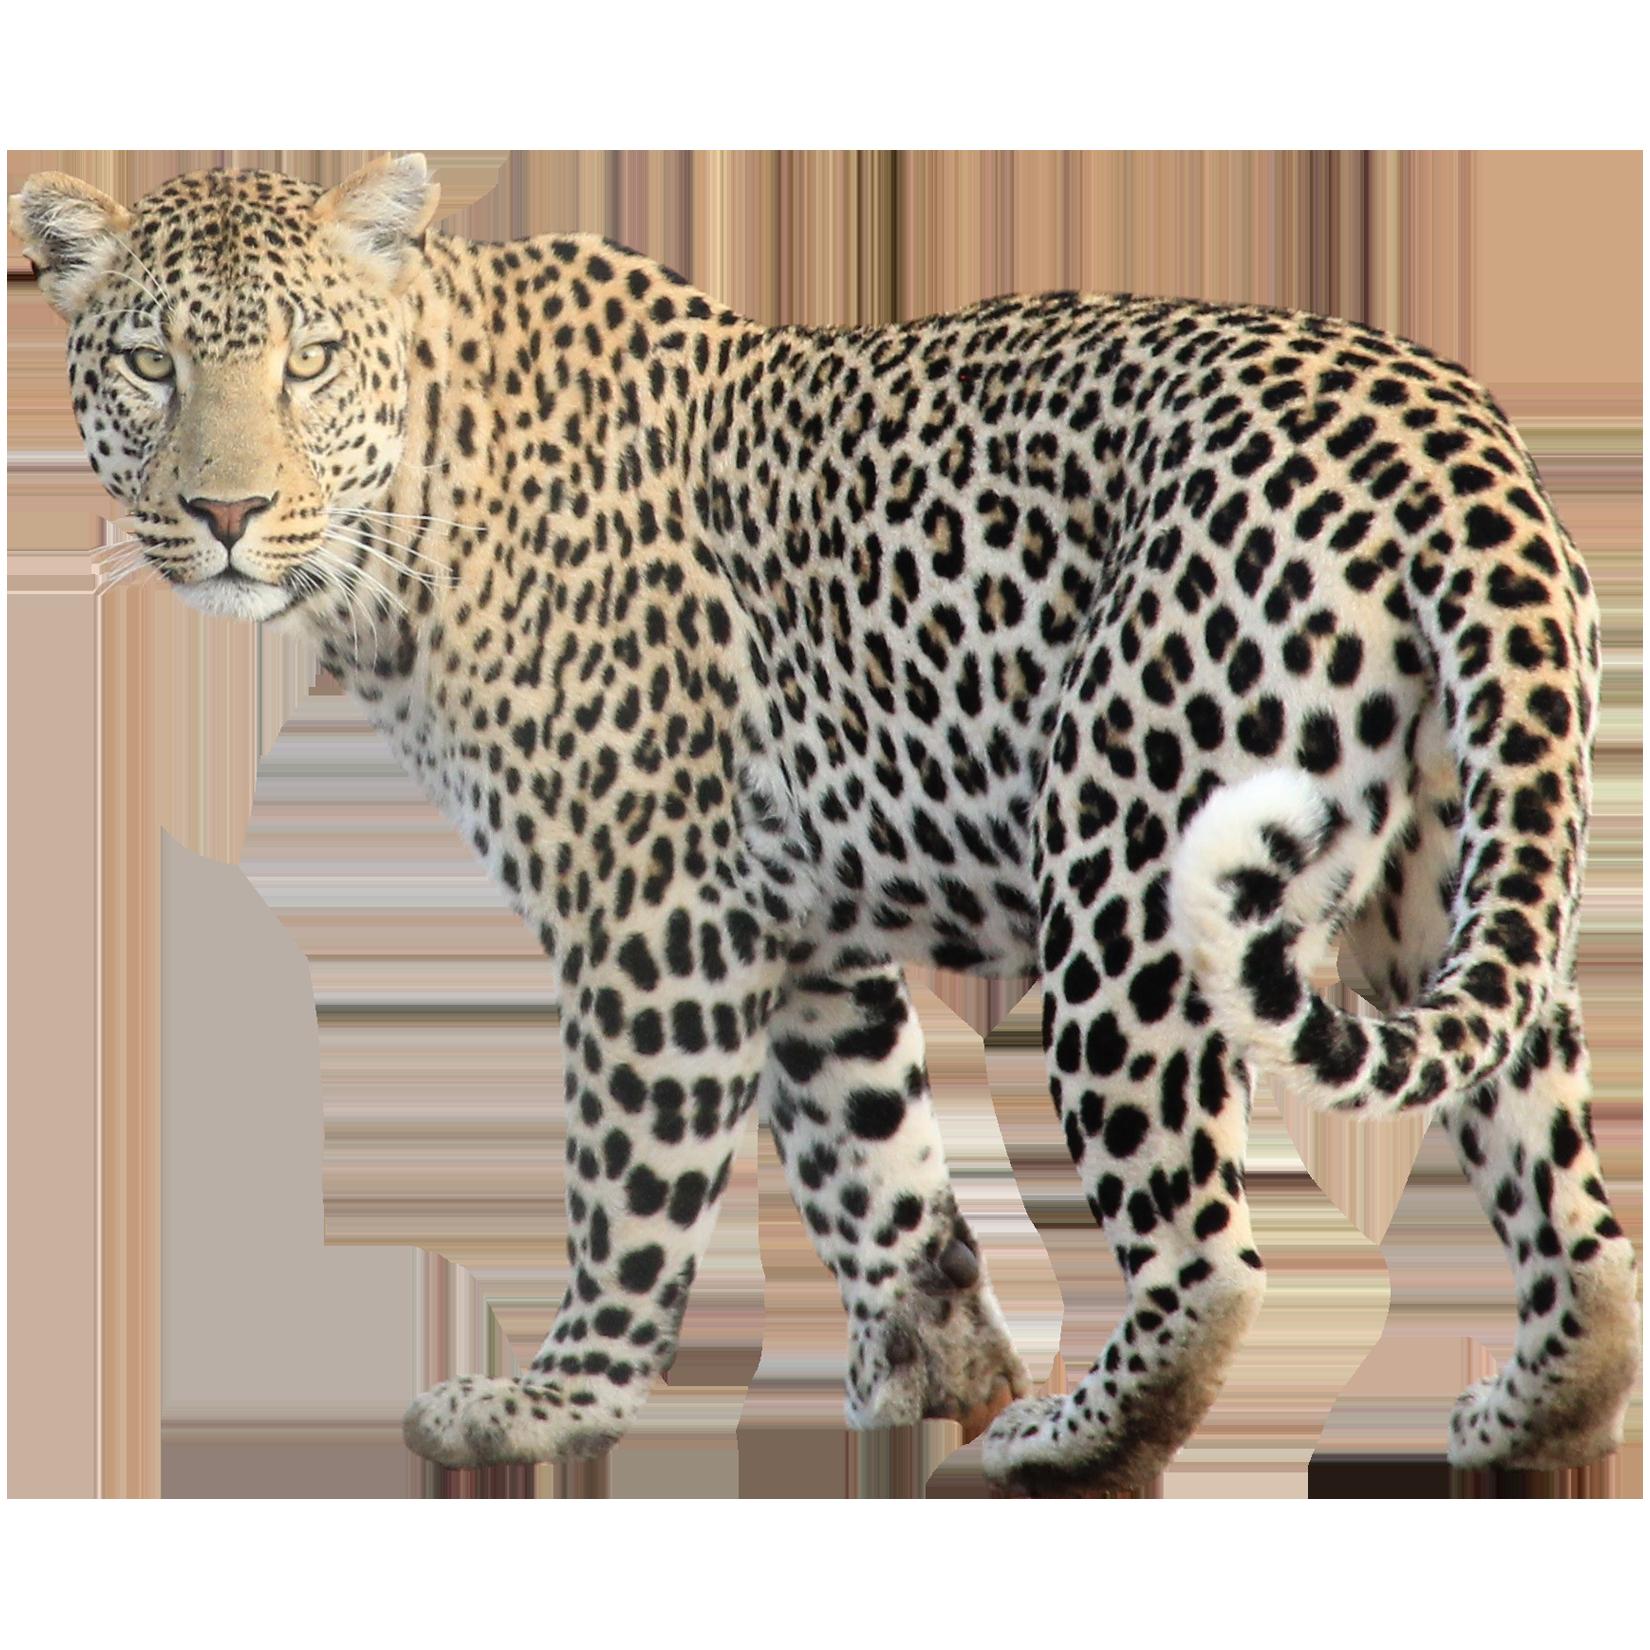 Leopard - Free PNG Jaguar